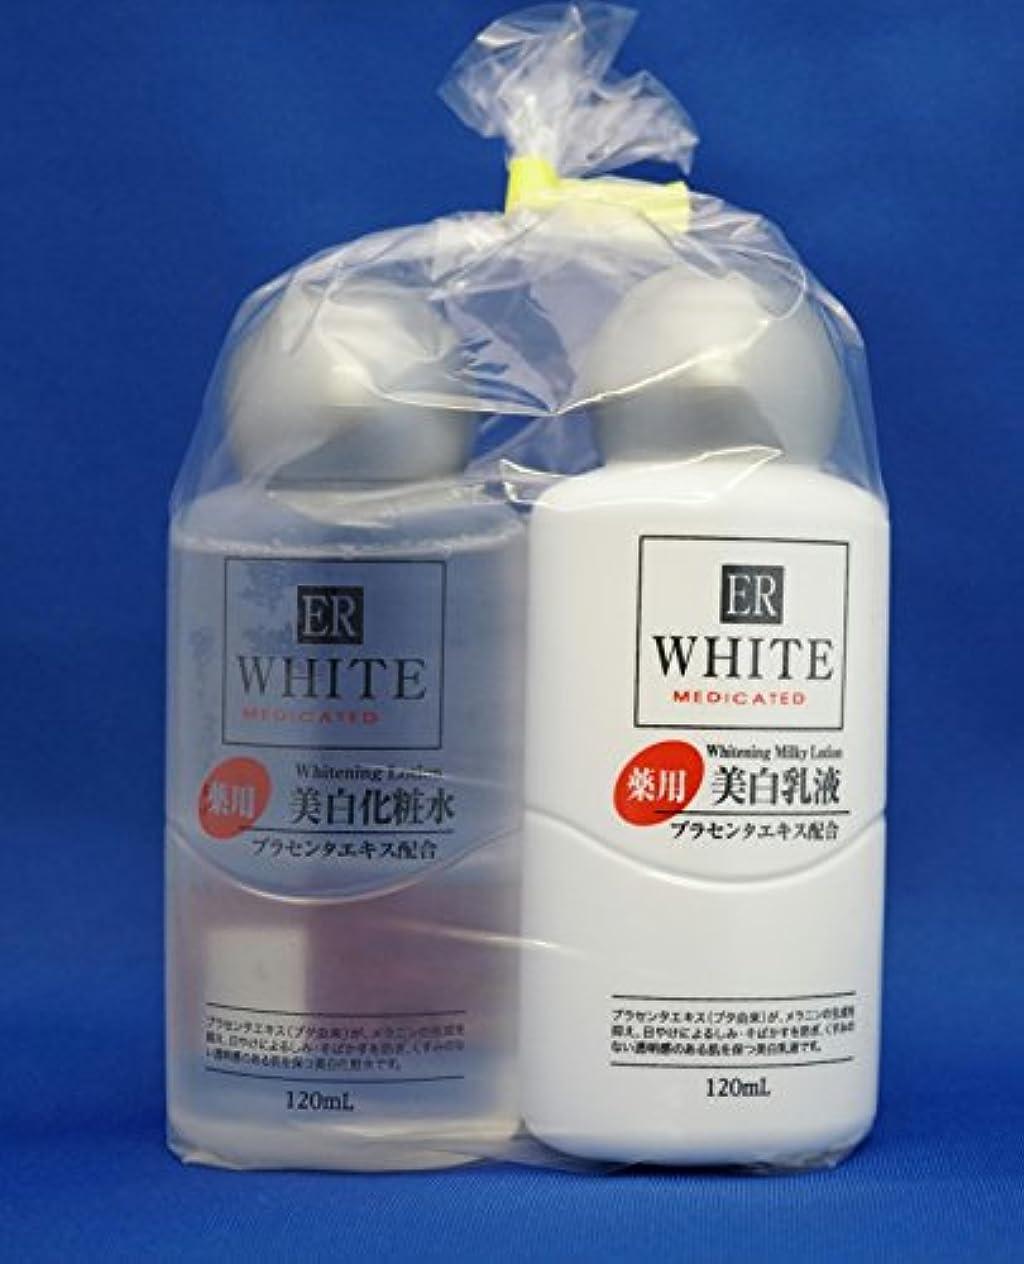 足音素敵な増幅2個セット ダイソー ER コスモ ホワイトニング ミルクV(薬用美白乳液) と ER ホワイトニングローションV(薬用美白化粧水)